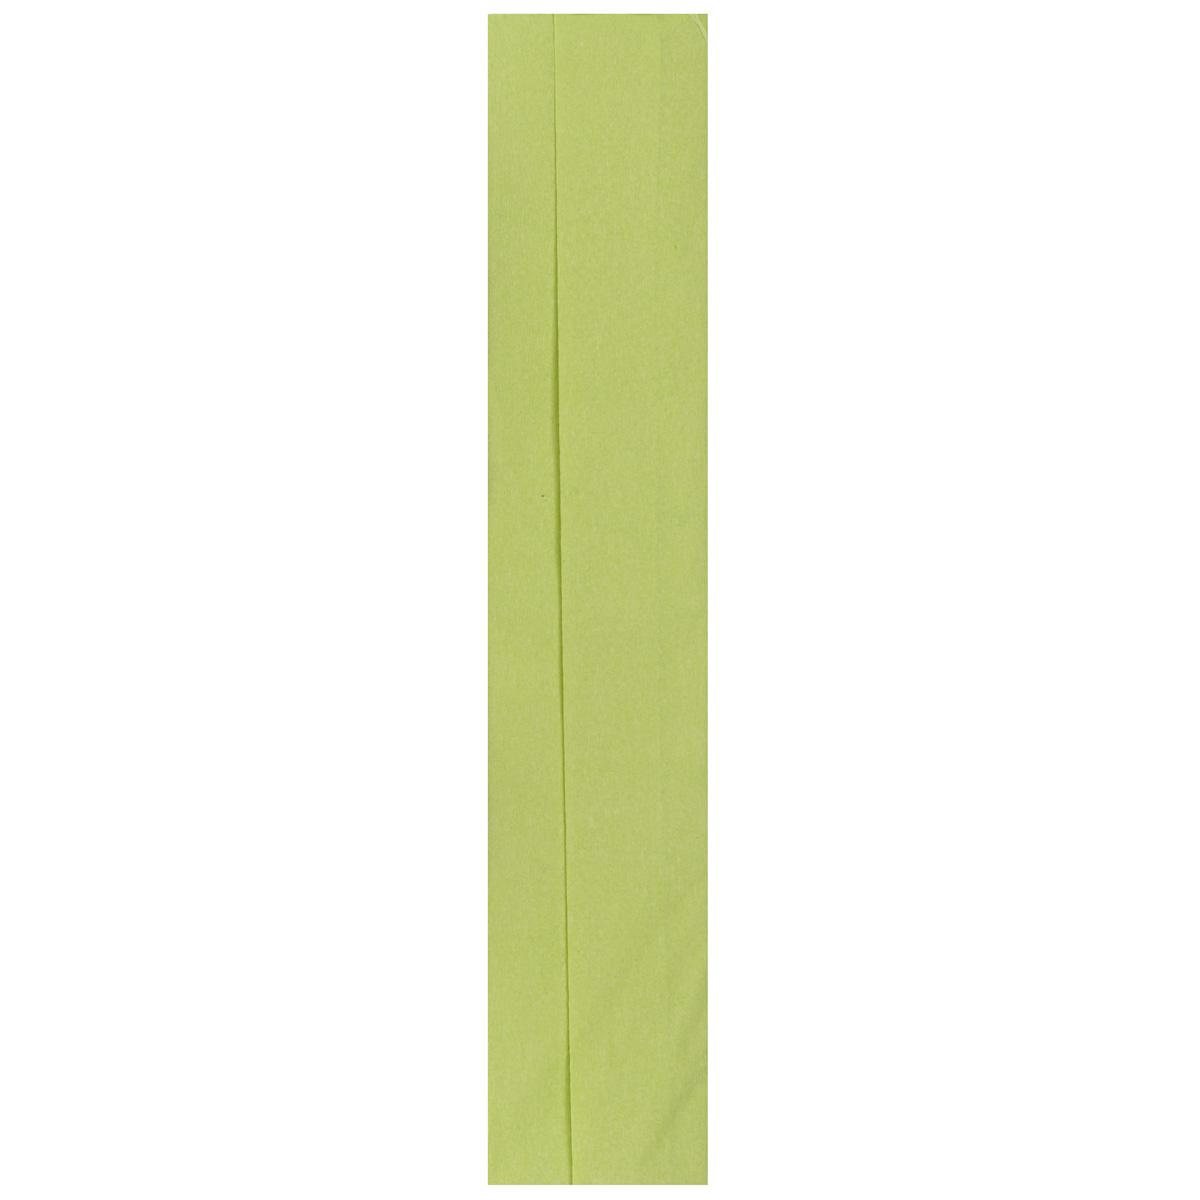 Бумага гофрированная Folia, цвет: светло-зеленый (45), 50 см x 2,5 м7704392_45Бумага гофрированная Folia - прекрасный материал для декорирования, украшения интерьера, изготовления искусственных цветов, эффектной упаковки и различных поделок. Бумага прекрасно держит форму, отлично крепится и замечательно подходит для изготовления праздничной упаковки для цветов.